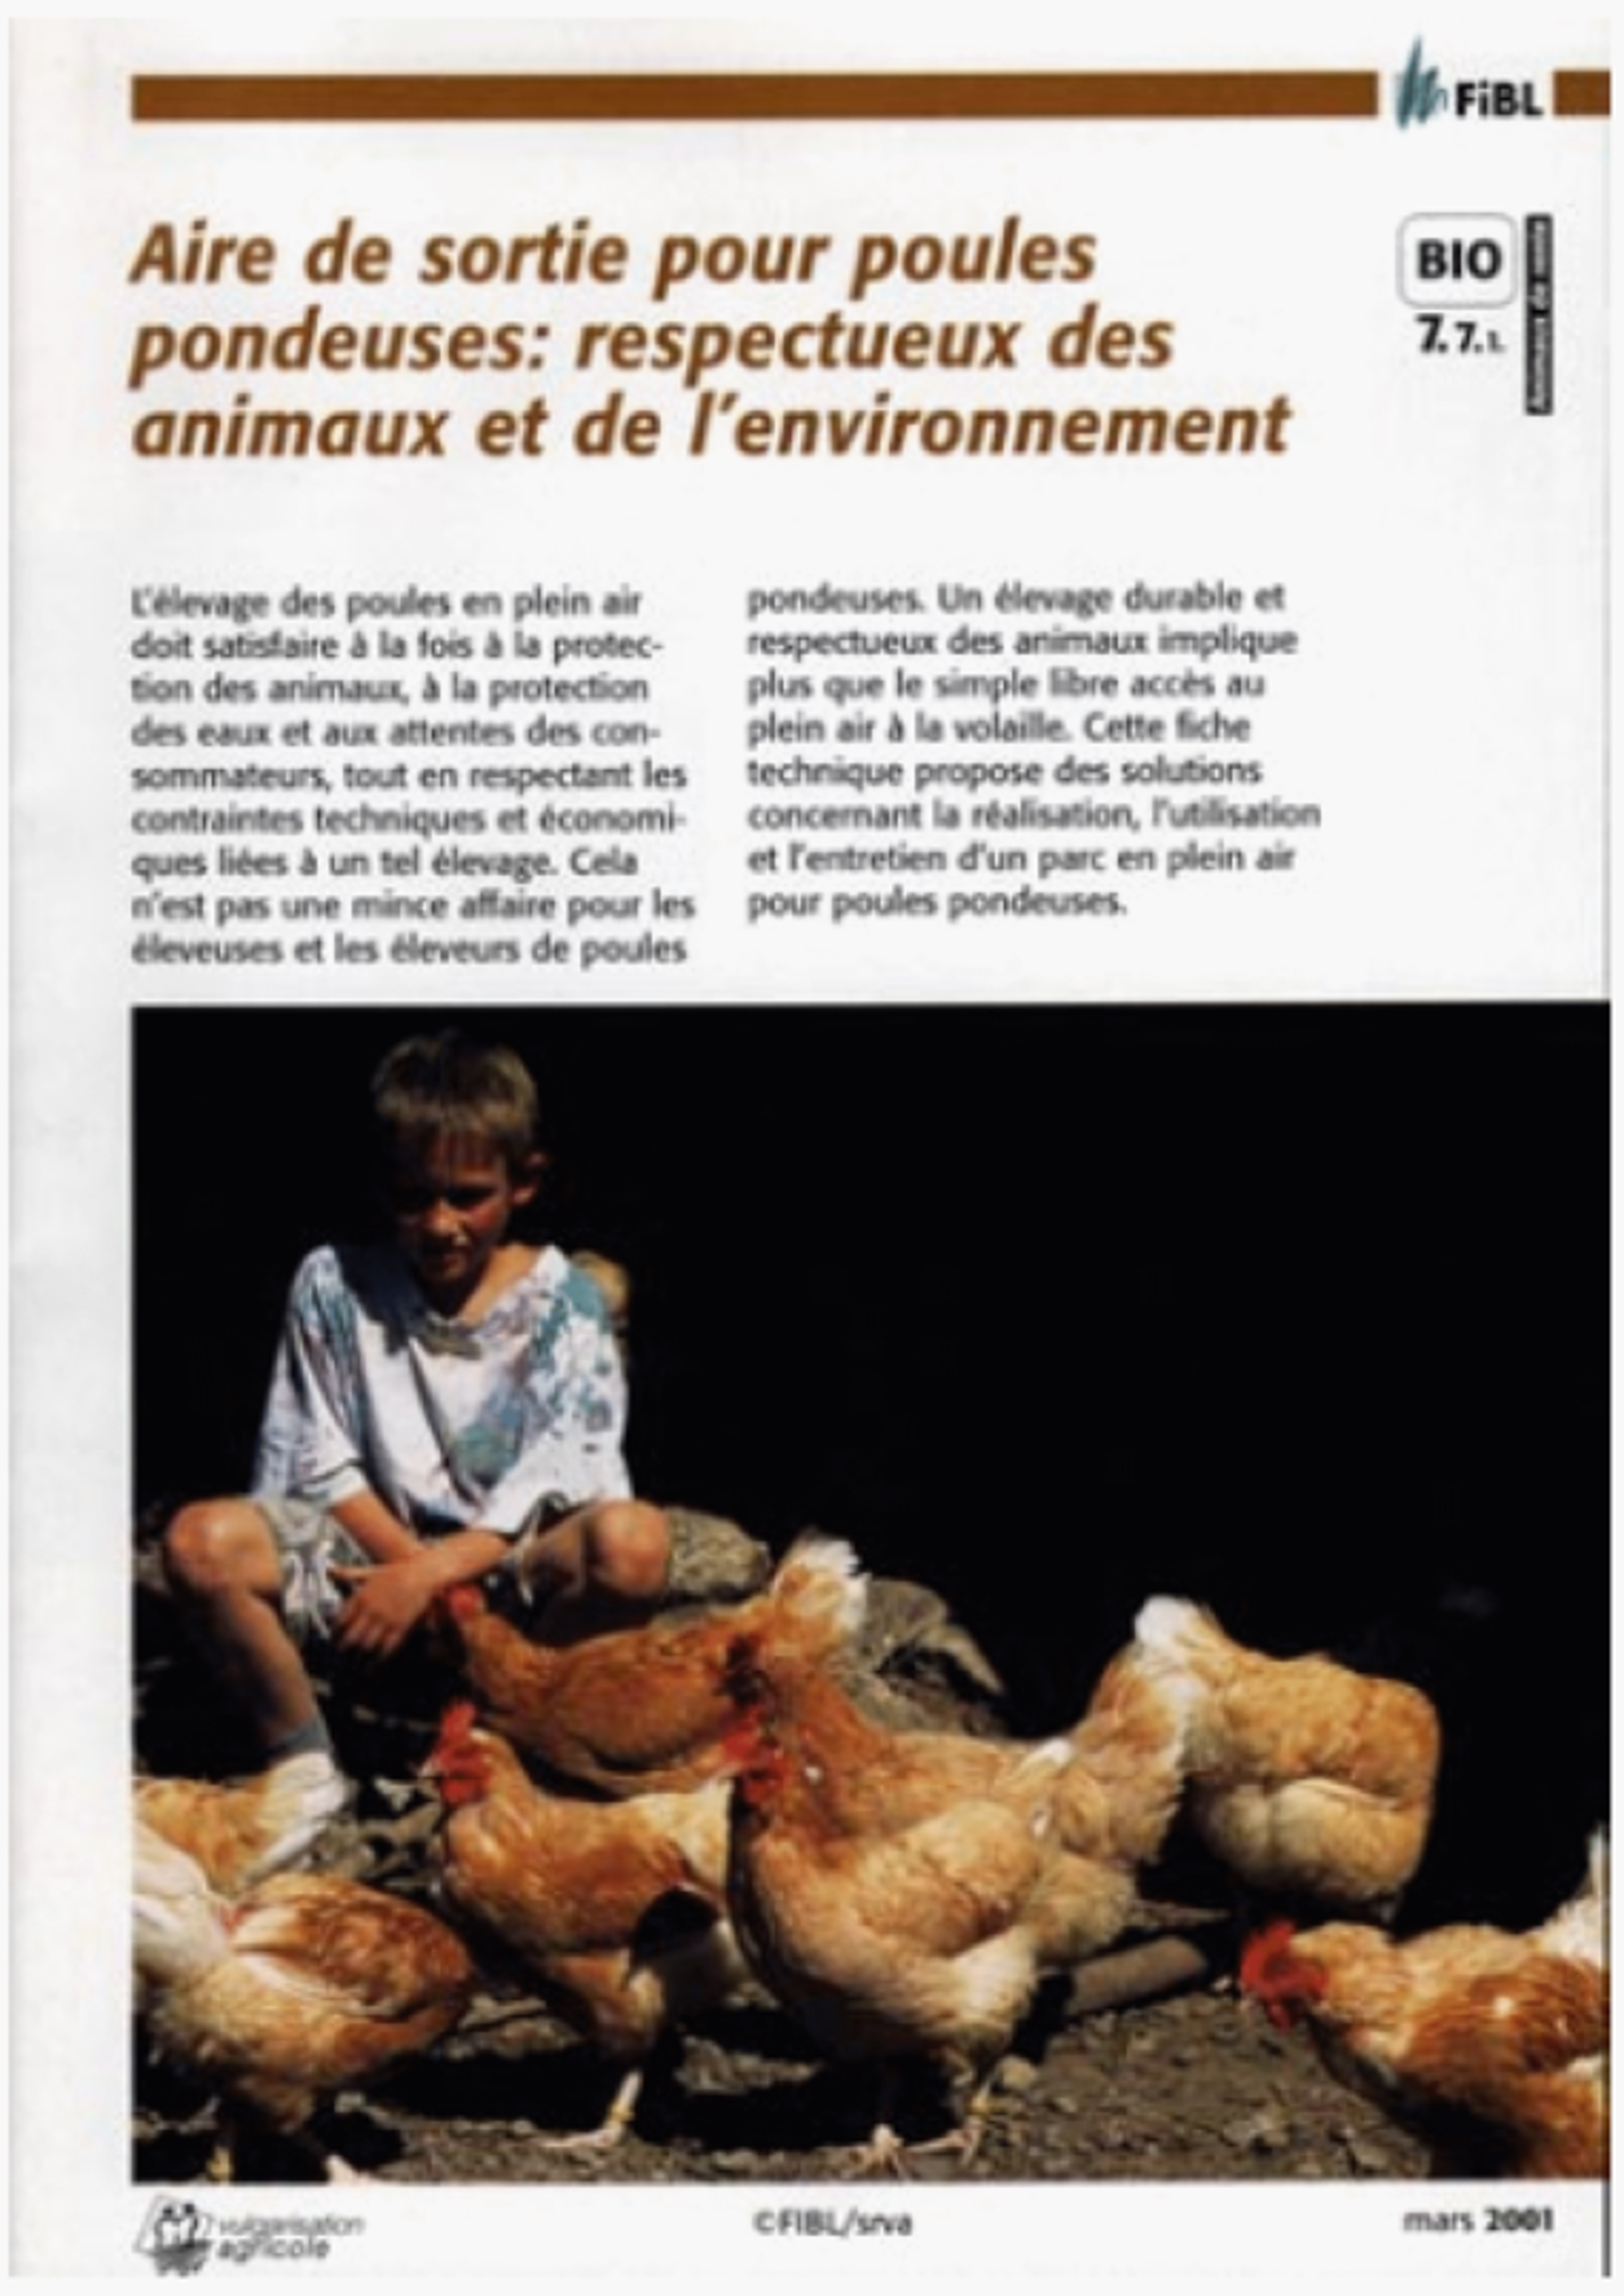 Aire de sortie pour poules pondeuses: respectueux des animaux et de l'environnement